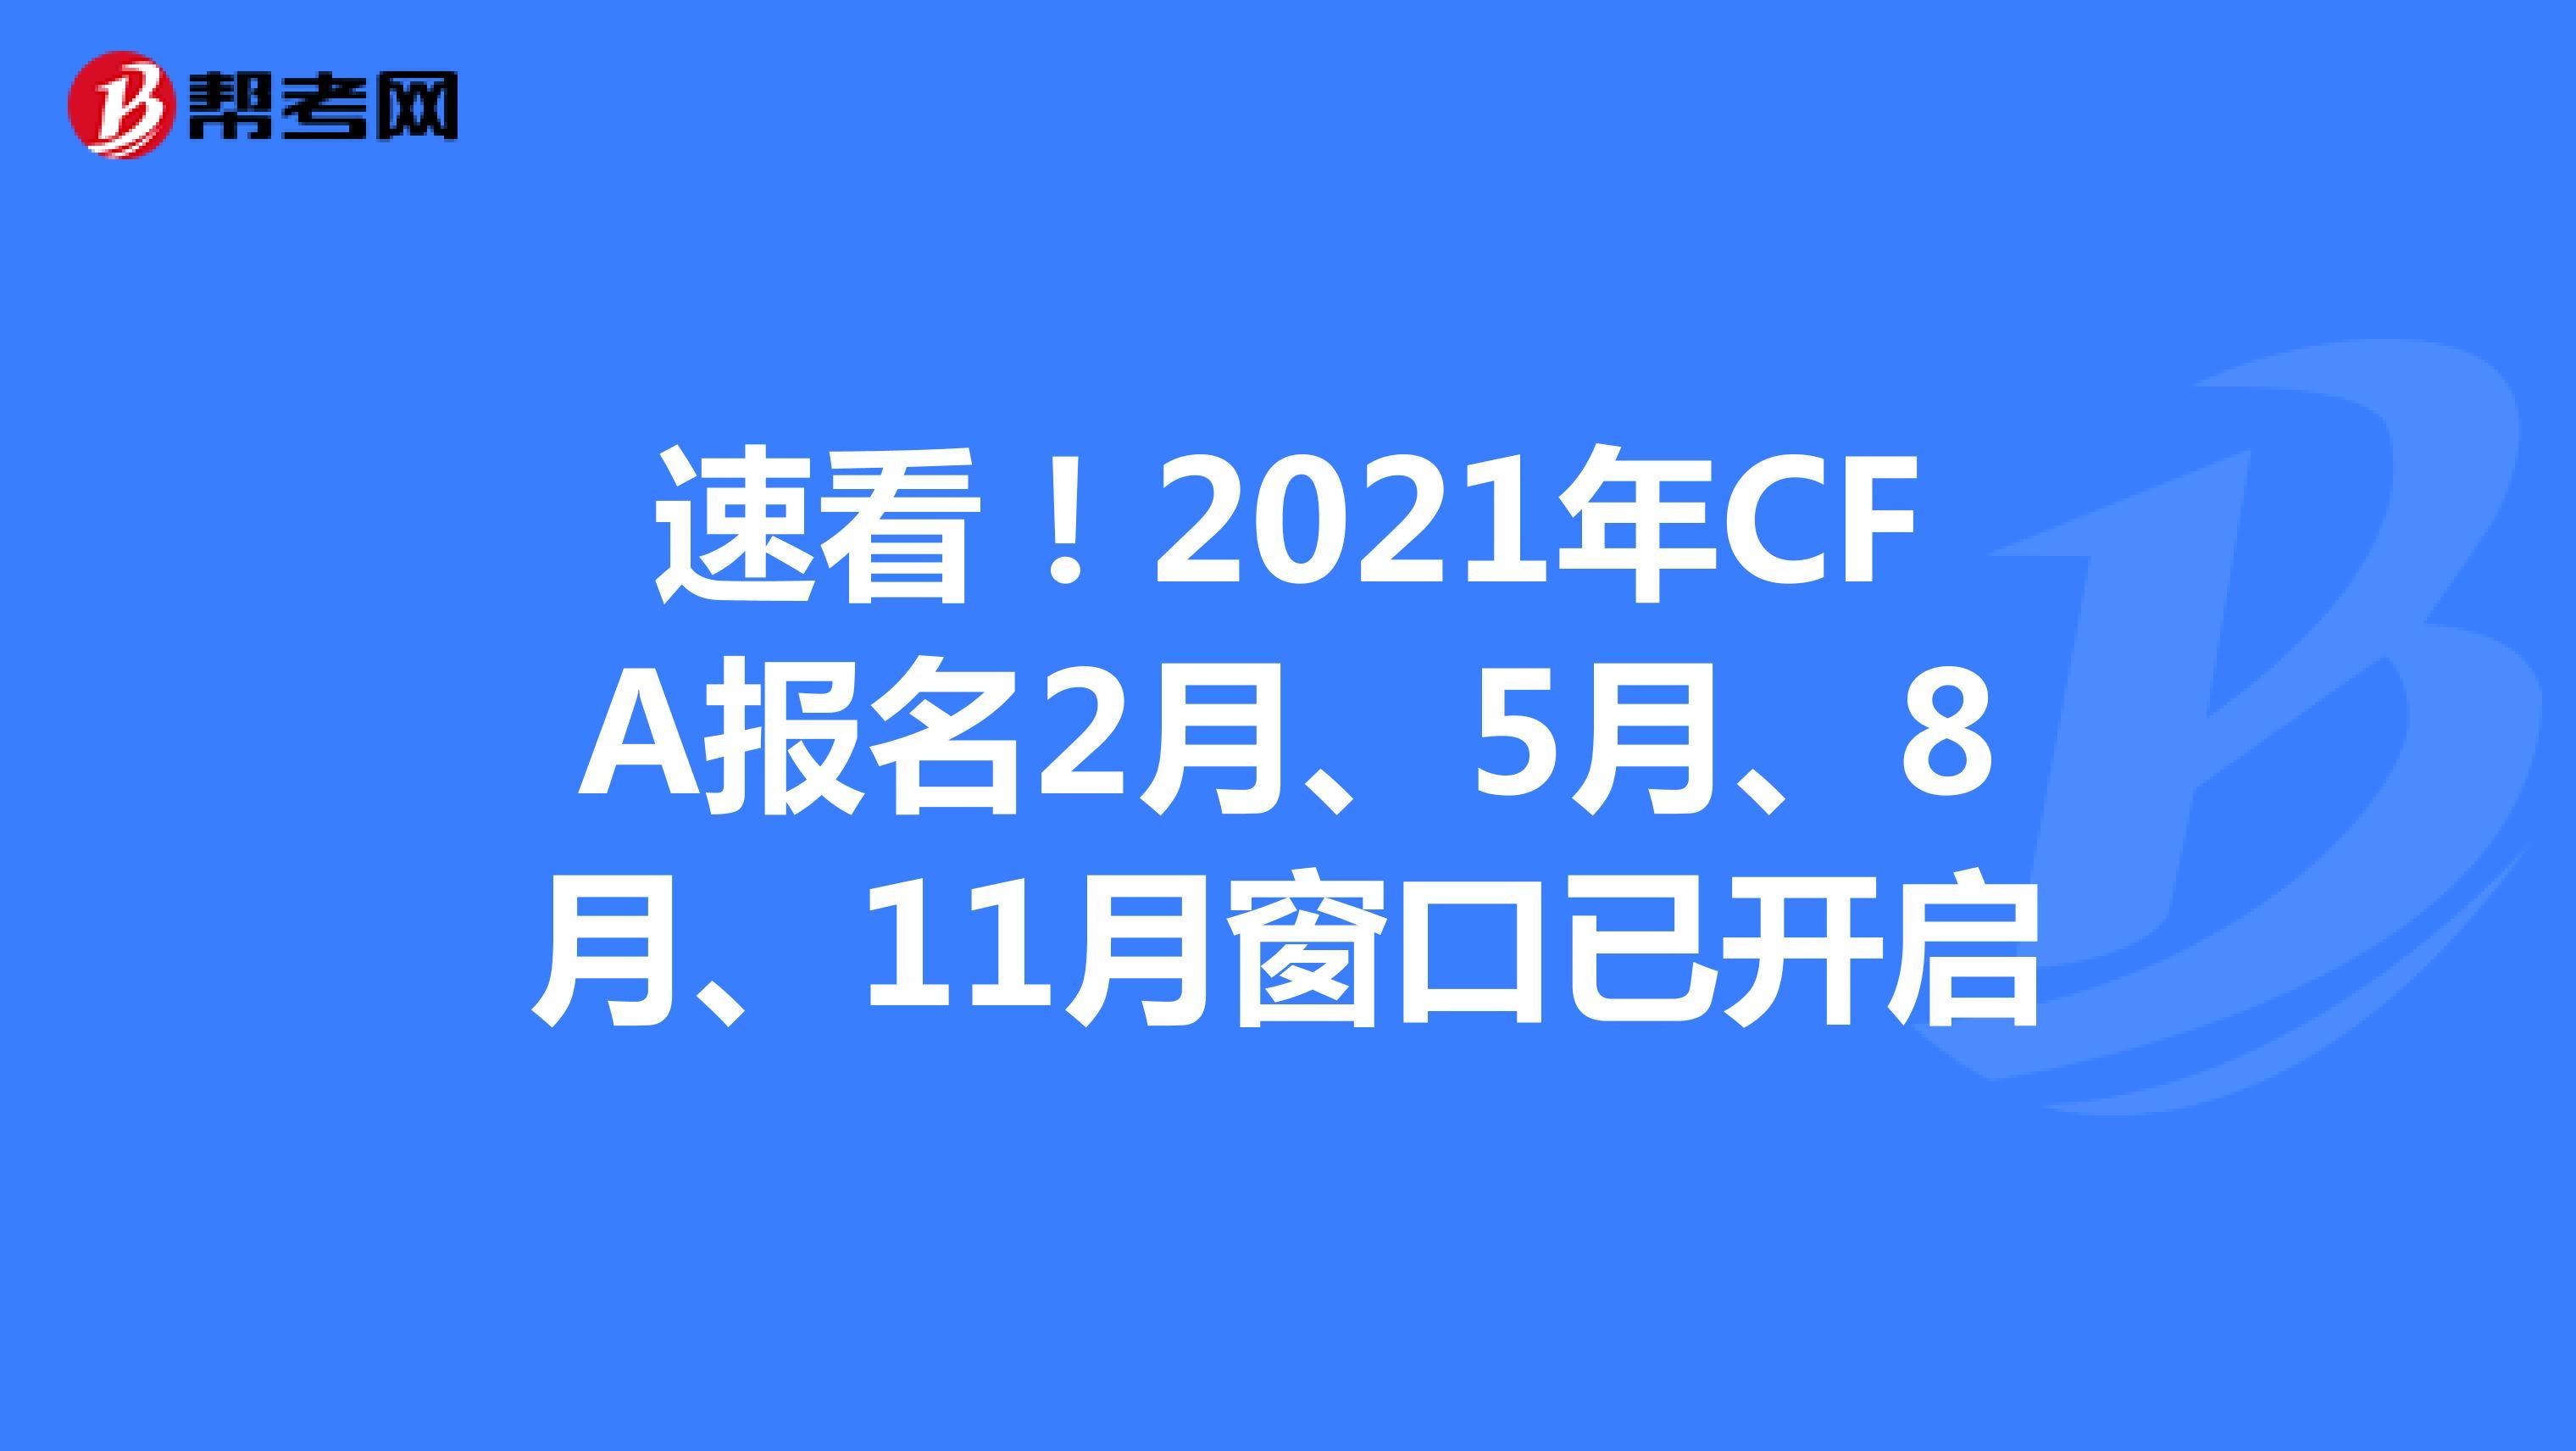 速看!2021年CFA报名2月、5月、8月、11月窗口已开启